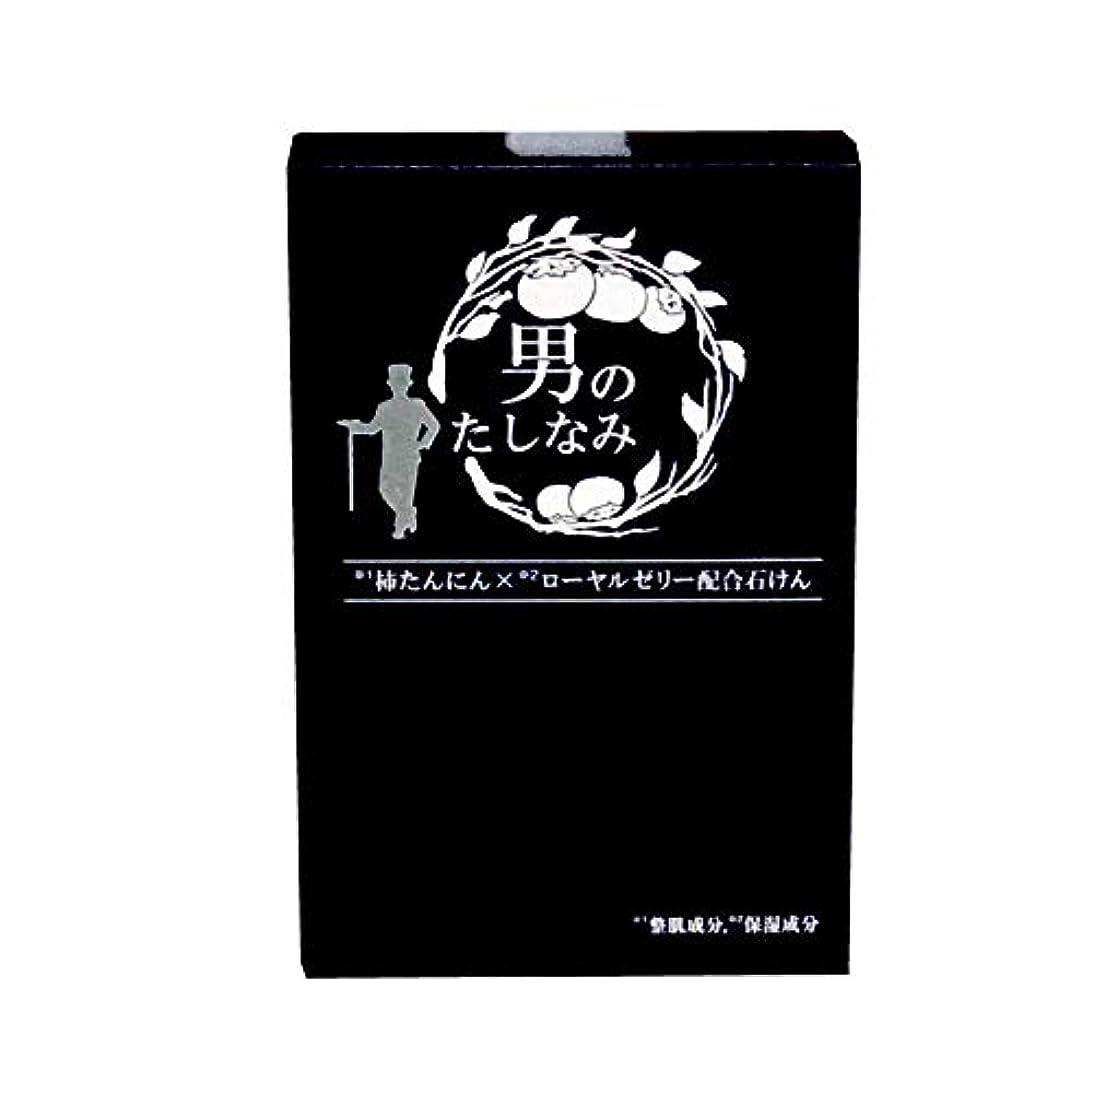 前提条件導出適切に初回 お試し品 柿渋石鹸 男のたしなみ (100g)